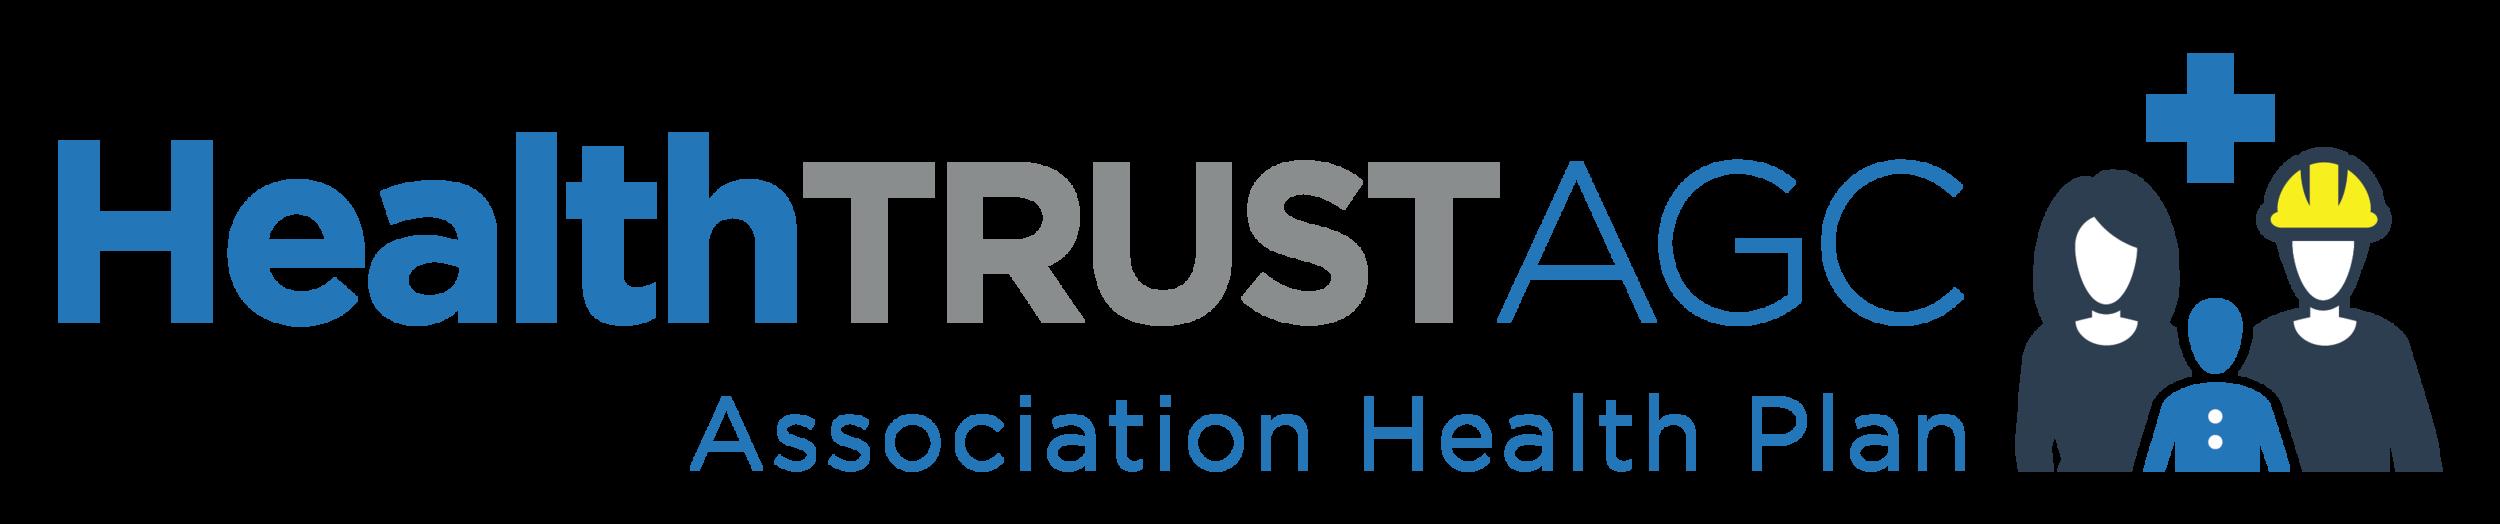 HealthTrustAGC_Logo.png